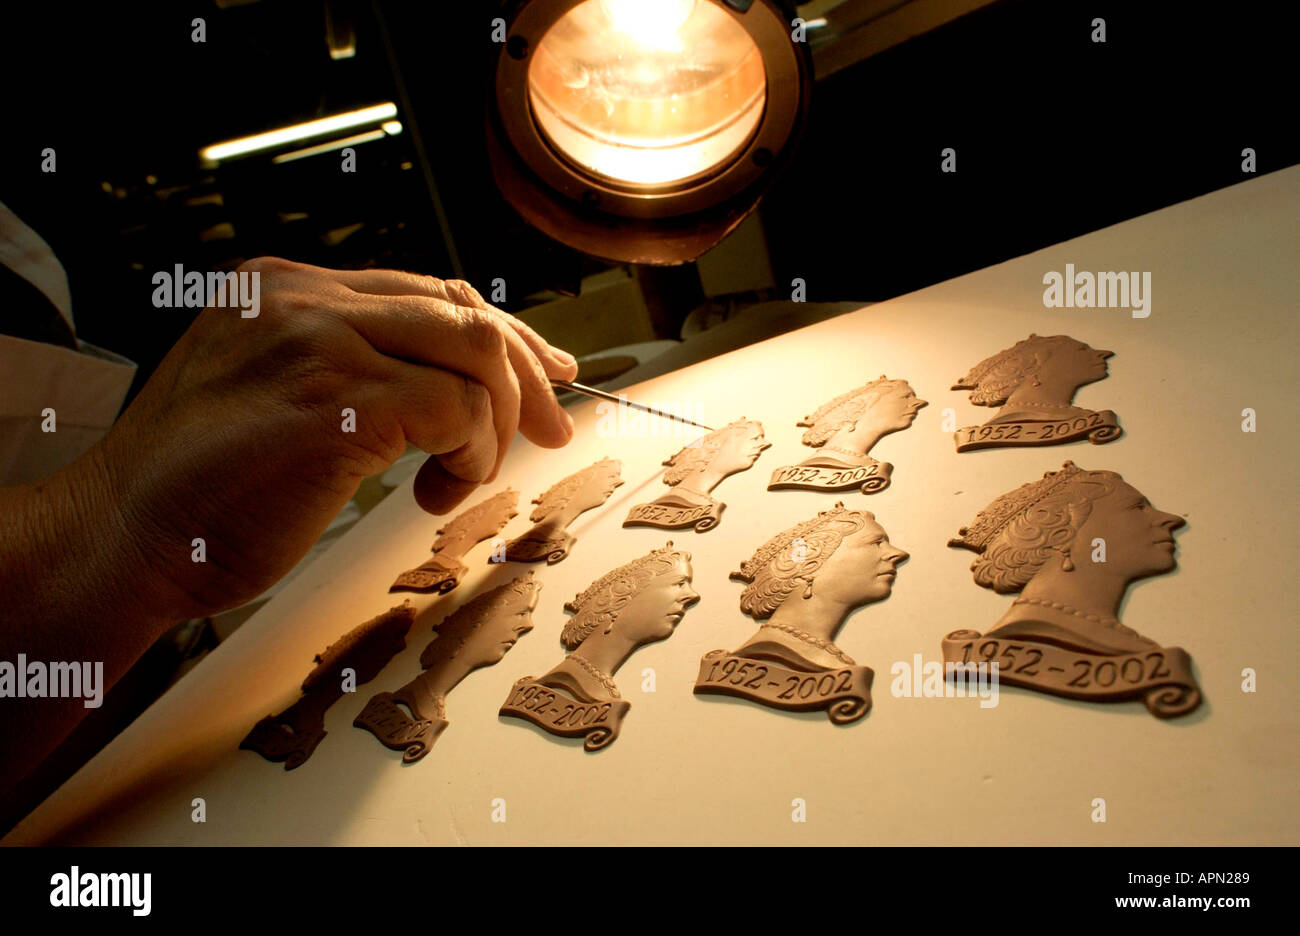 Wedgwood Jasperware datiert Fossile Datierung relativ oder absolut